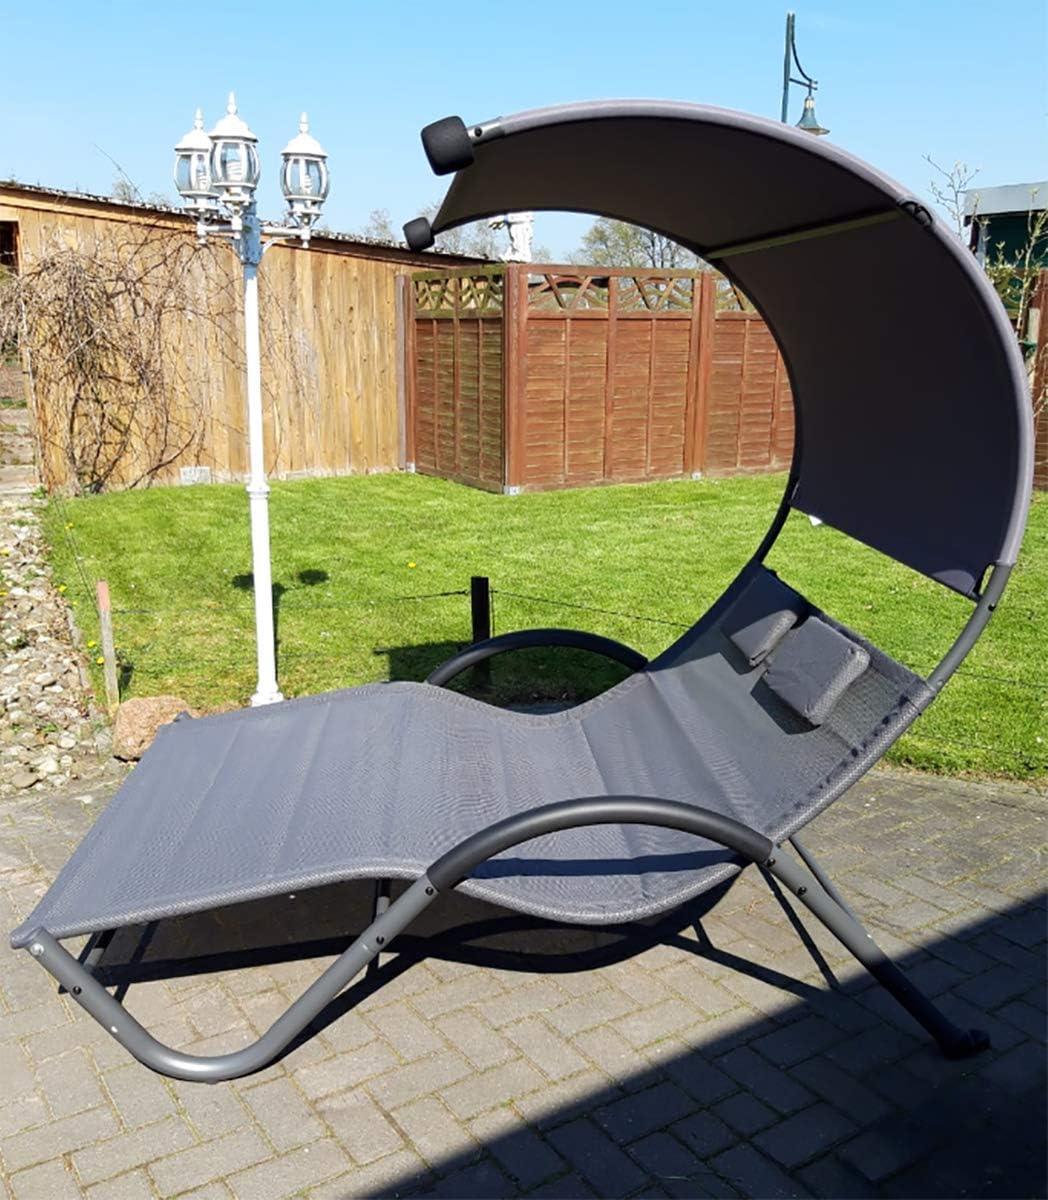 Doppelliege Gartenliege Sonnenliege mit Dach Relaxliege für 2 Personen max.220kg